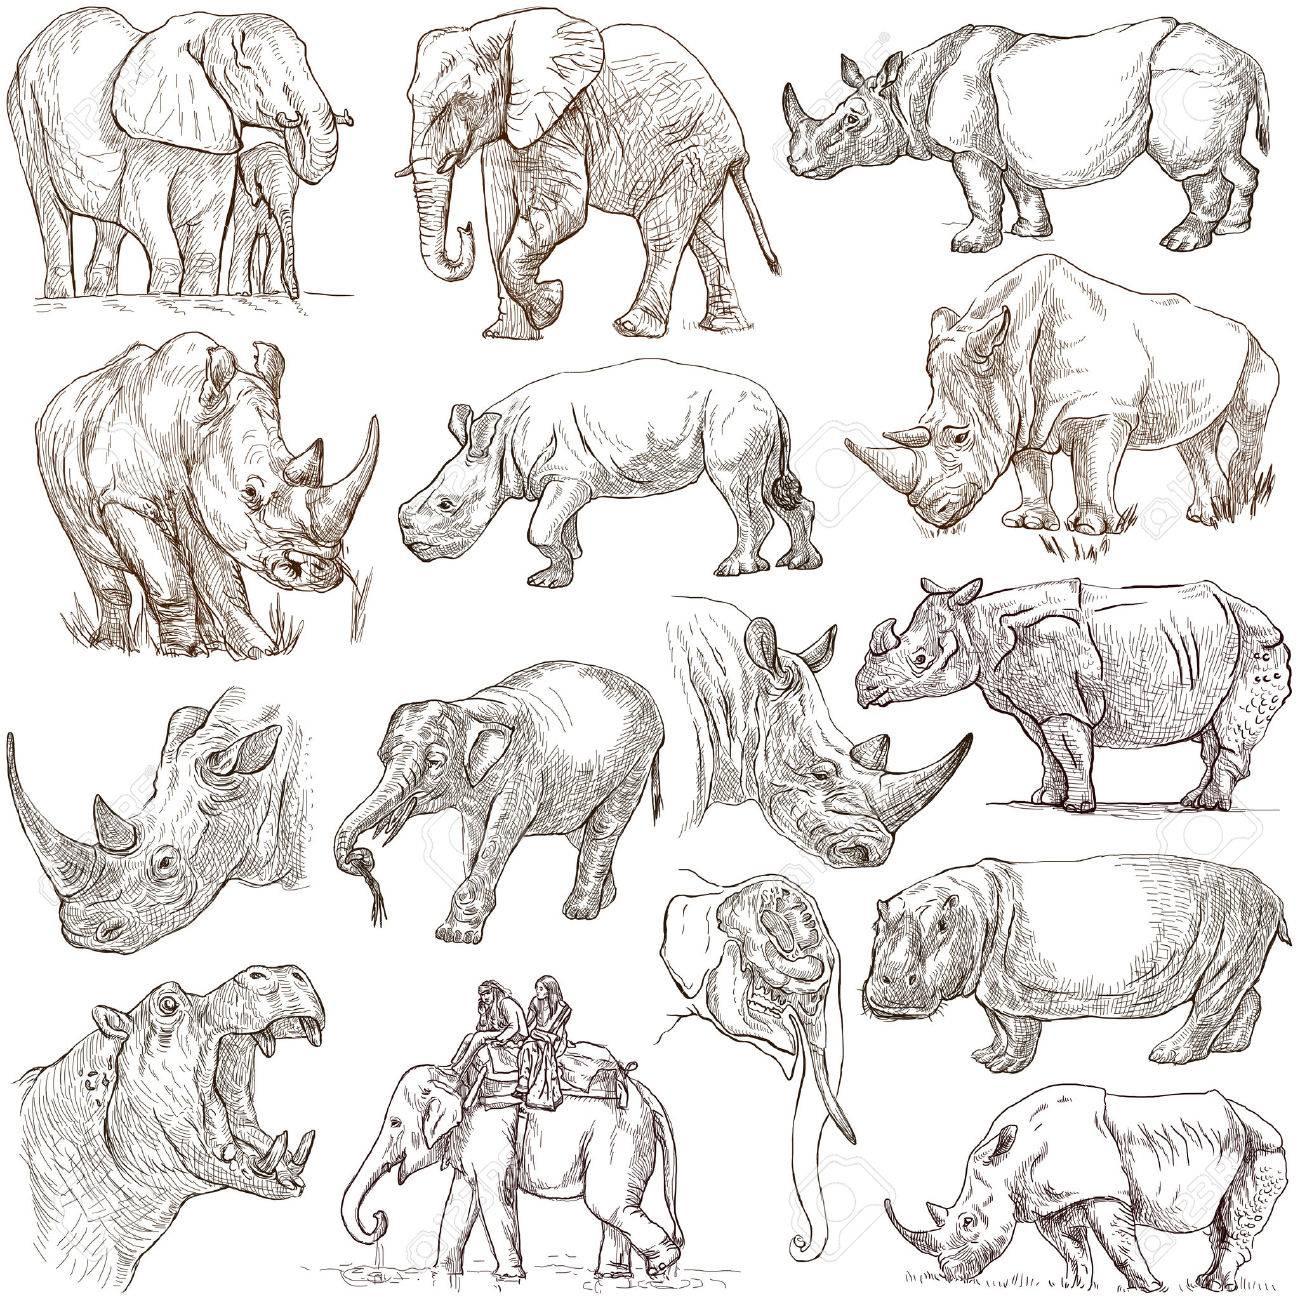 重い動物 (象、カバ、サイ) - 手描きイラスト集です。説明 - フルサイズ